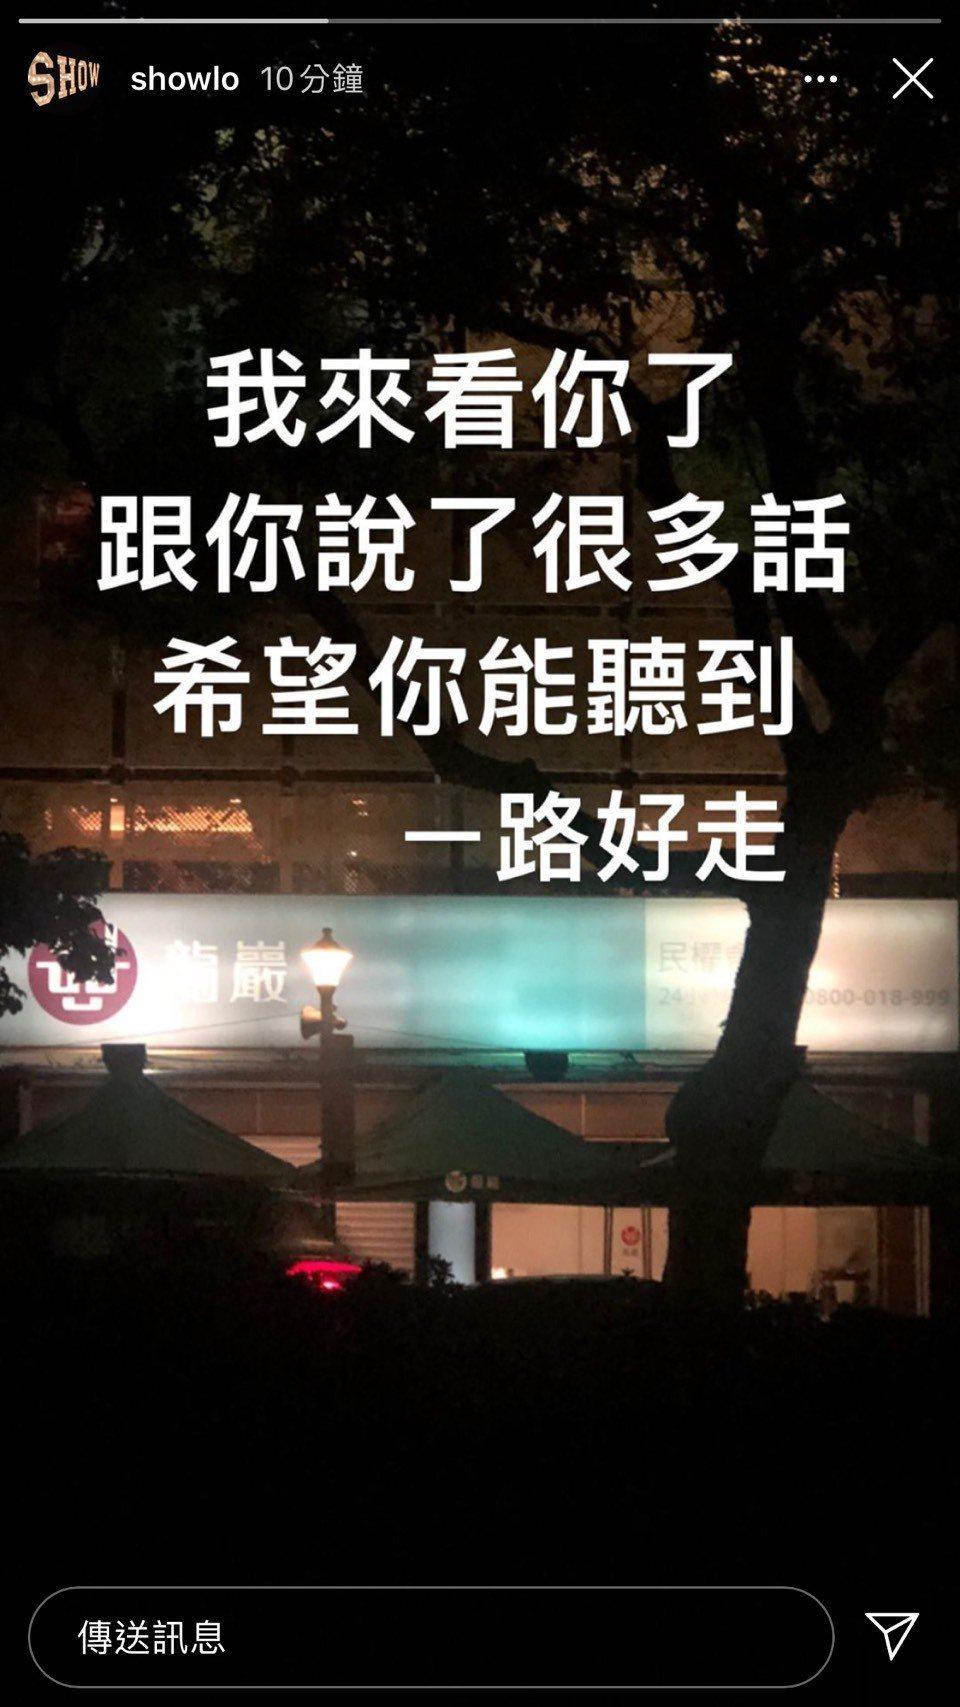 小豬避開人群,凌晨前往小鬼靈堂遙祭。圖/摘自IG